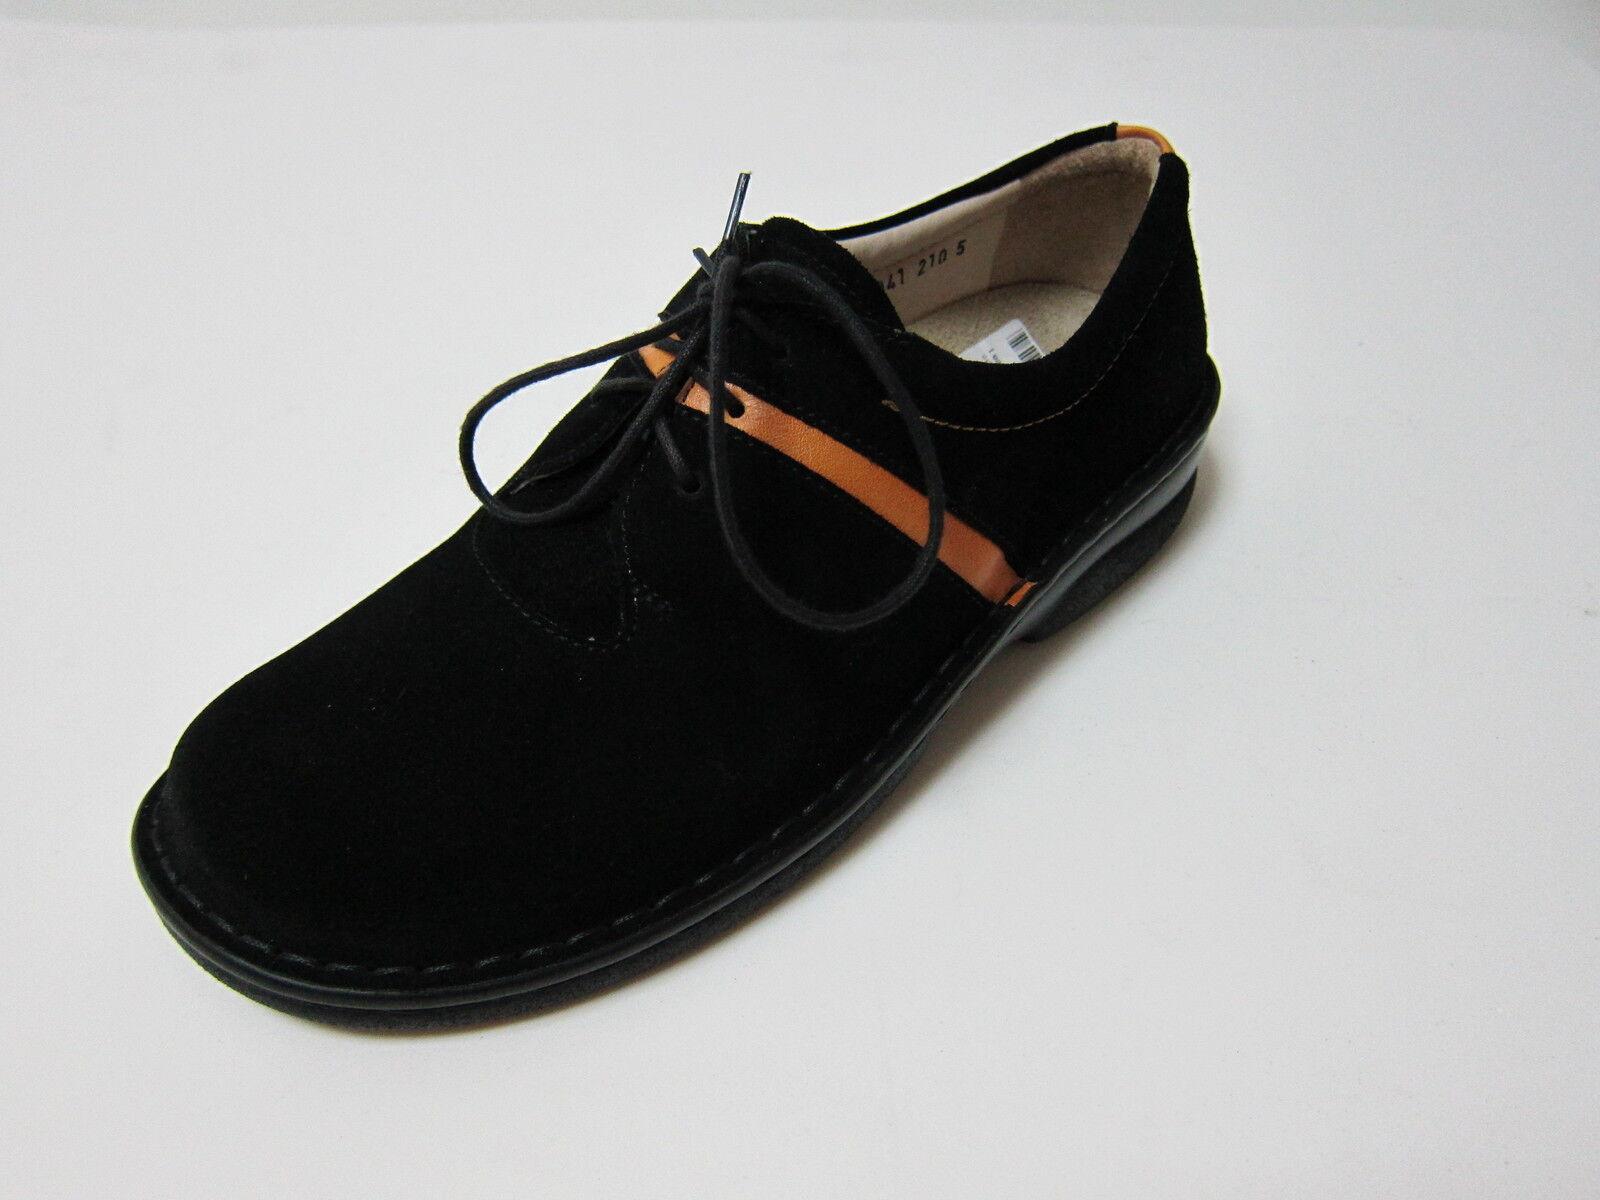 Berkehommen Chaussures Basses LEA pour en vrac dépôts taille 6,0 (t 39)  1423